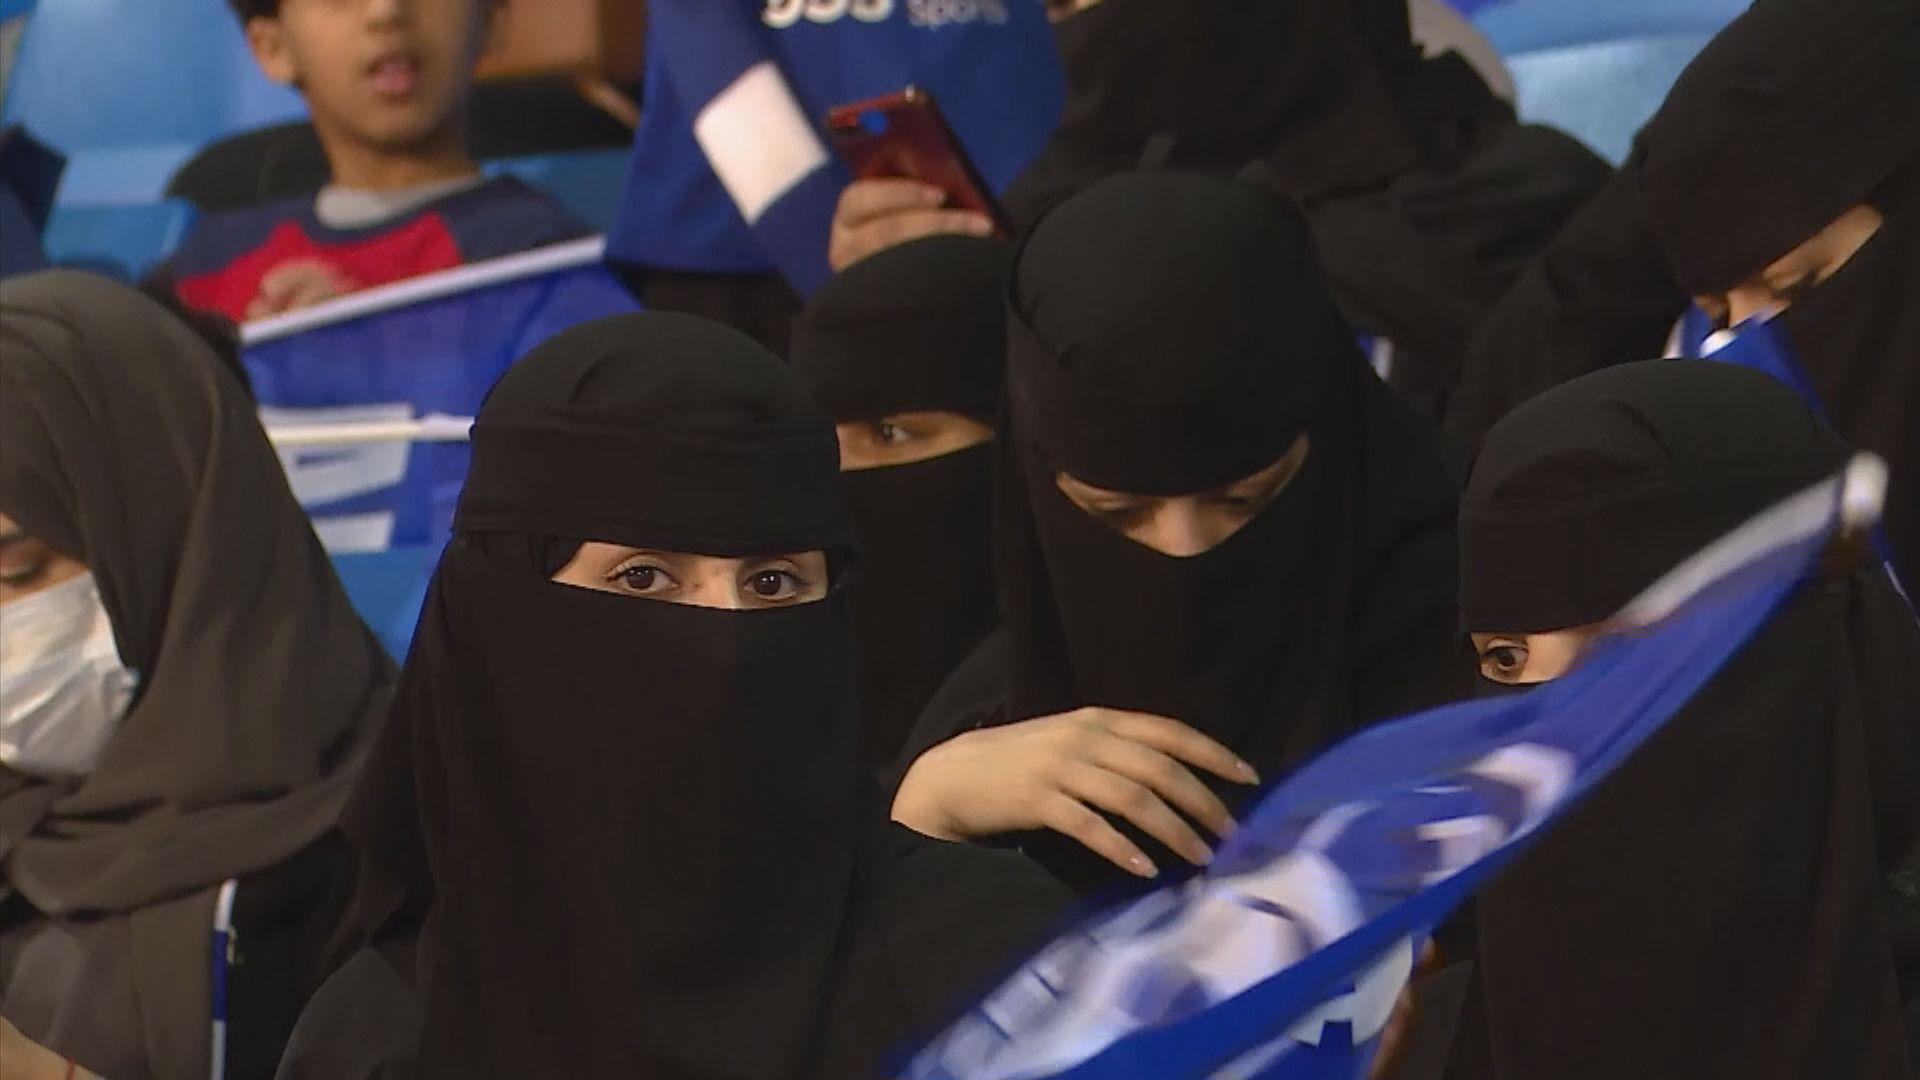 特赦組織:沙特人權分子遭嚴刑迫供及性侵